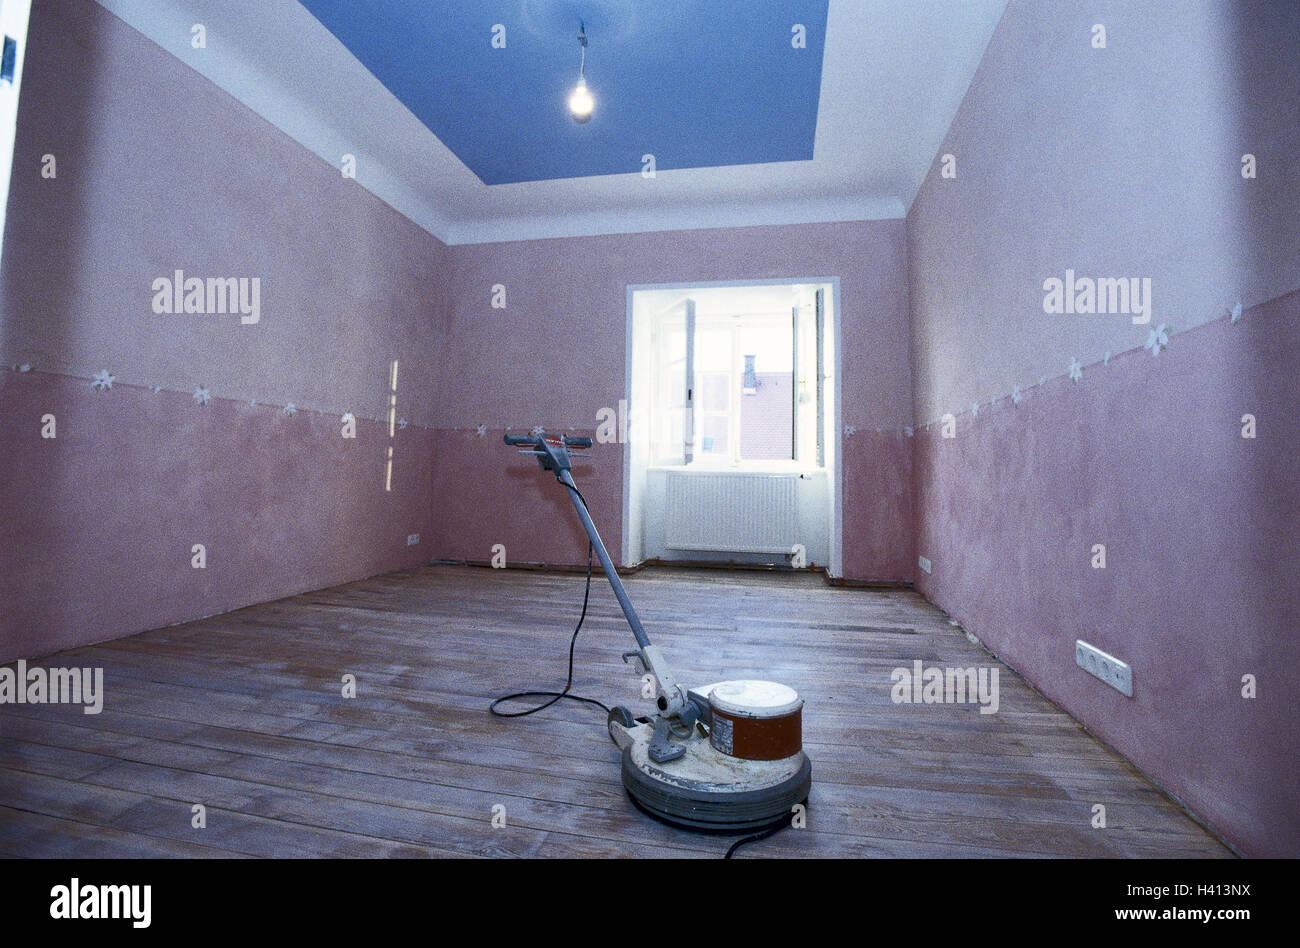 Holzfußboden Erneuern ~ Wohnraum renovierung parkett schleifen maschine eigenheim